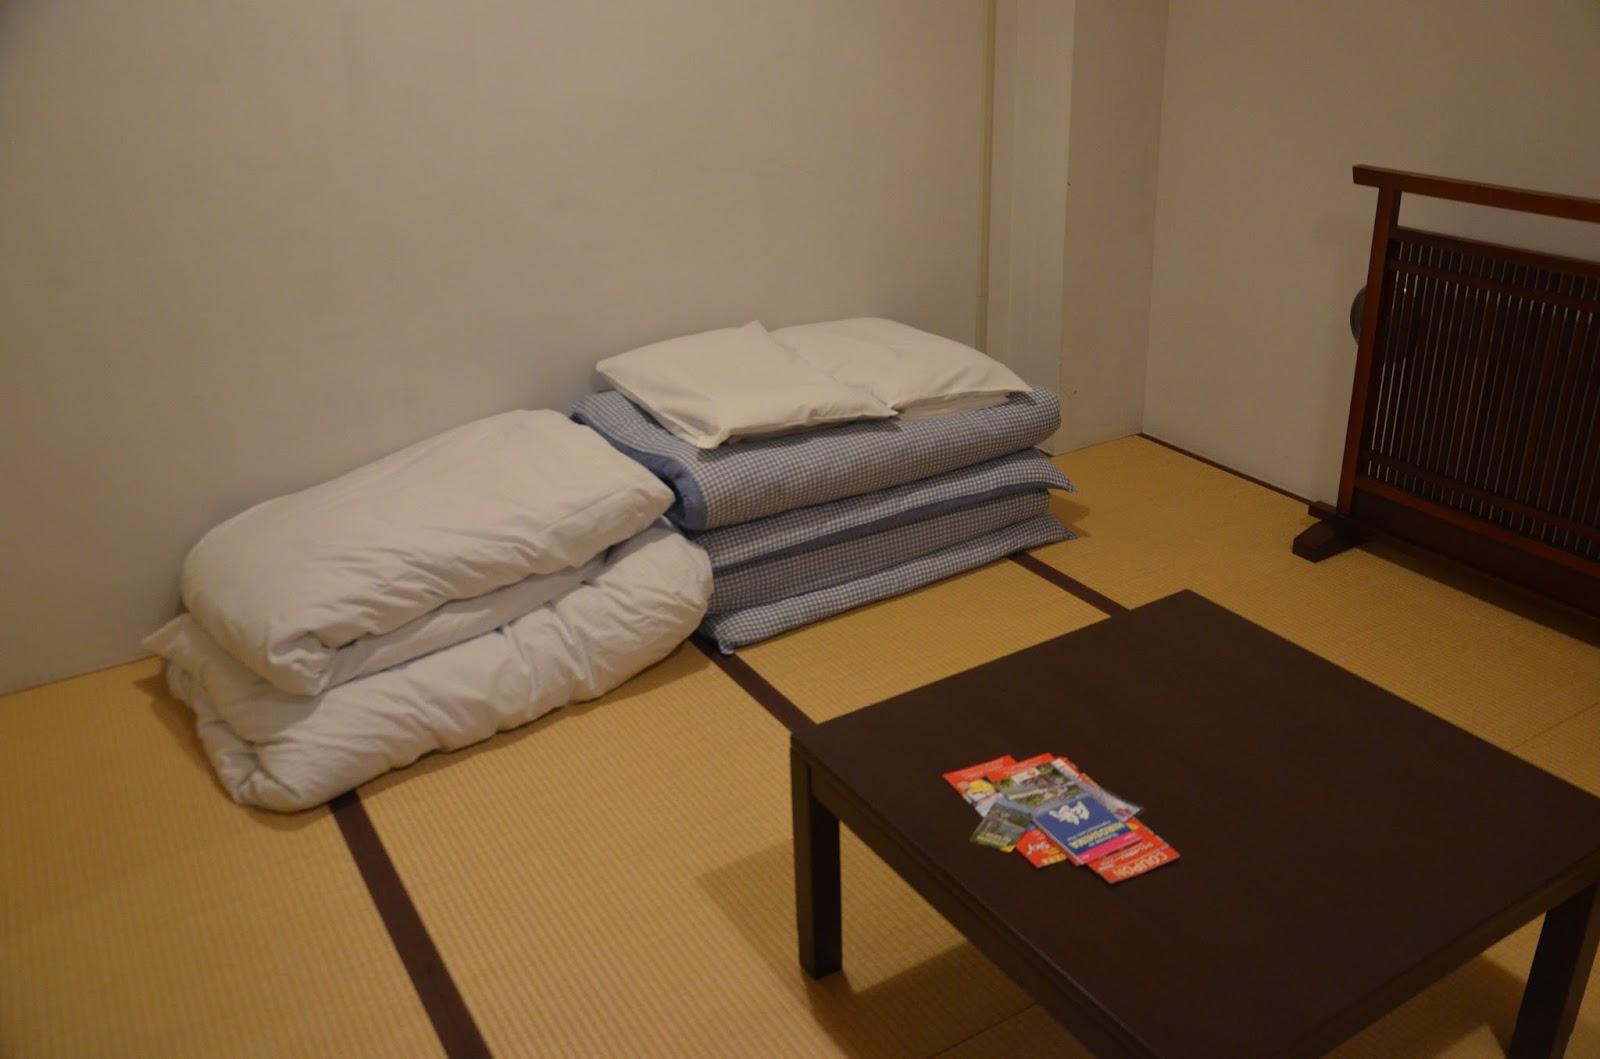 rondelles et sacoches m saventures h teli res au japon. Black Bedroom Furniture Sets. Home Design Ideas